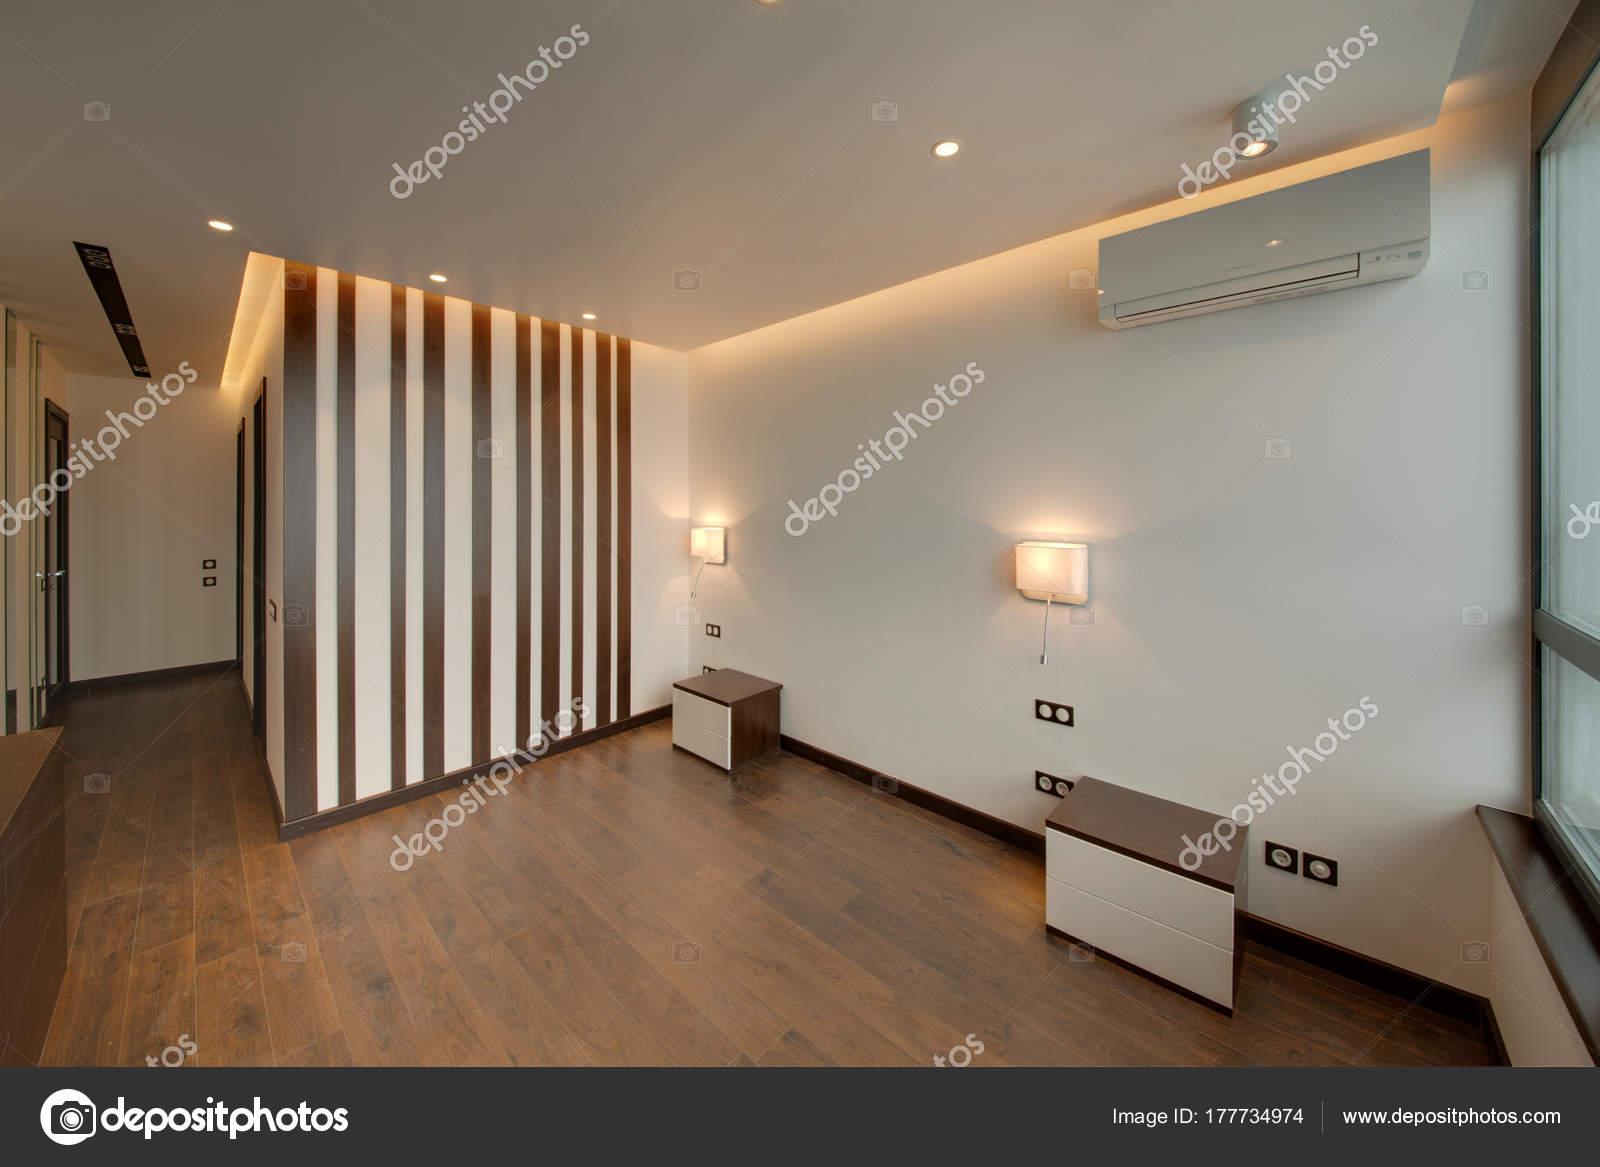 Bruine Slaapkamer Muur : Slaapkamer met bruine muren met inzetstukken nachtkastjes lampen